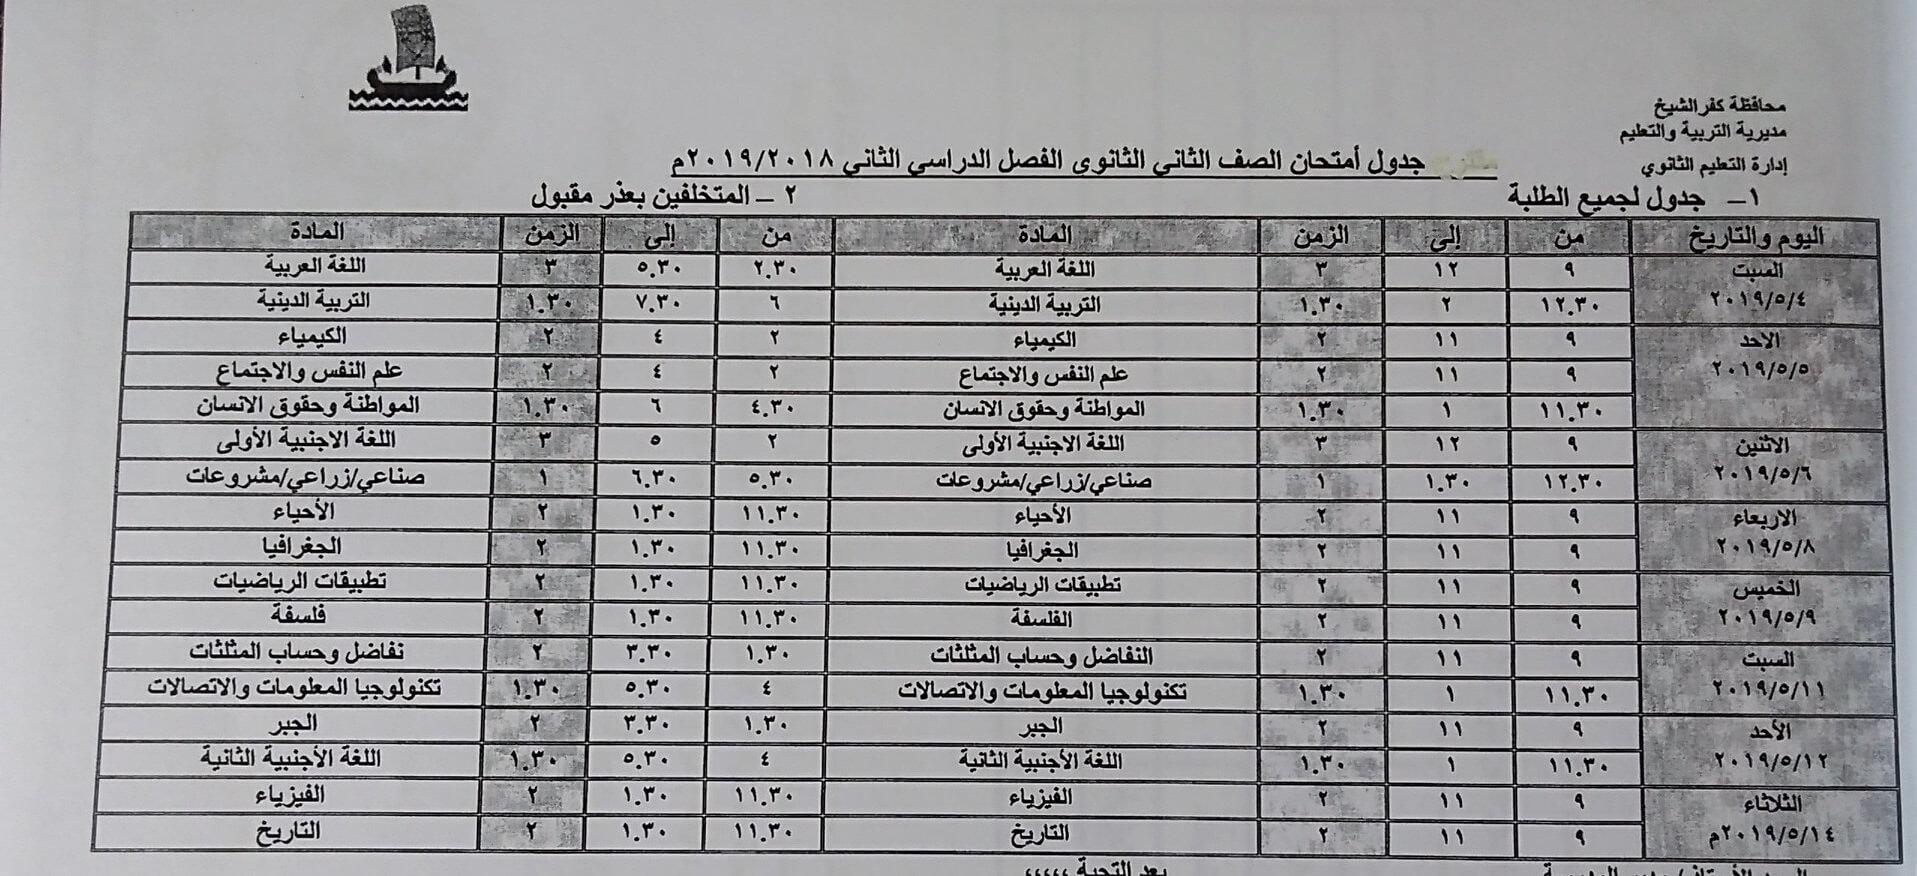 جدول امتحانات الصف الثاني الثانوي الترم الثاني 2019 محافظة كفر الشيخ